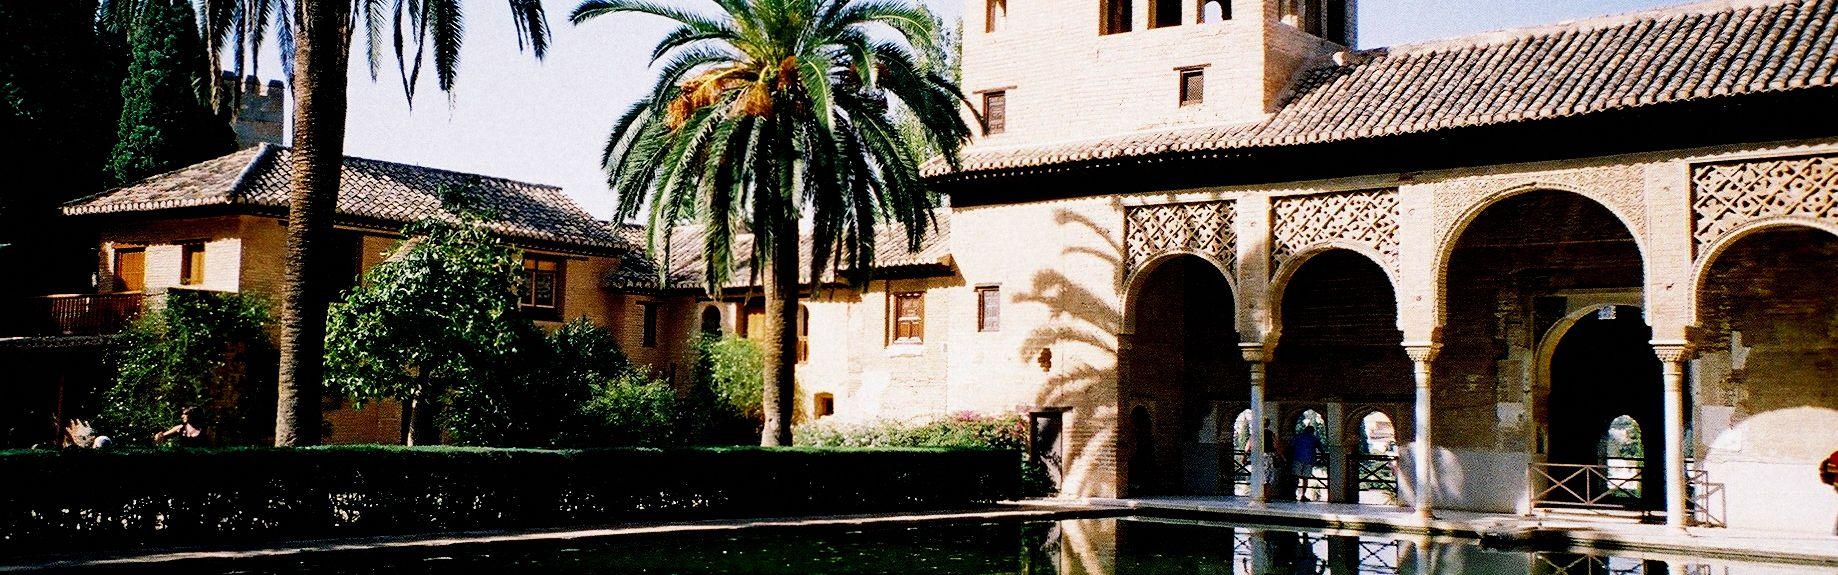 Granada (provinssi), Andalusia, Espanja